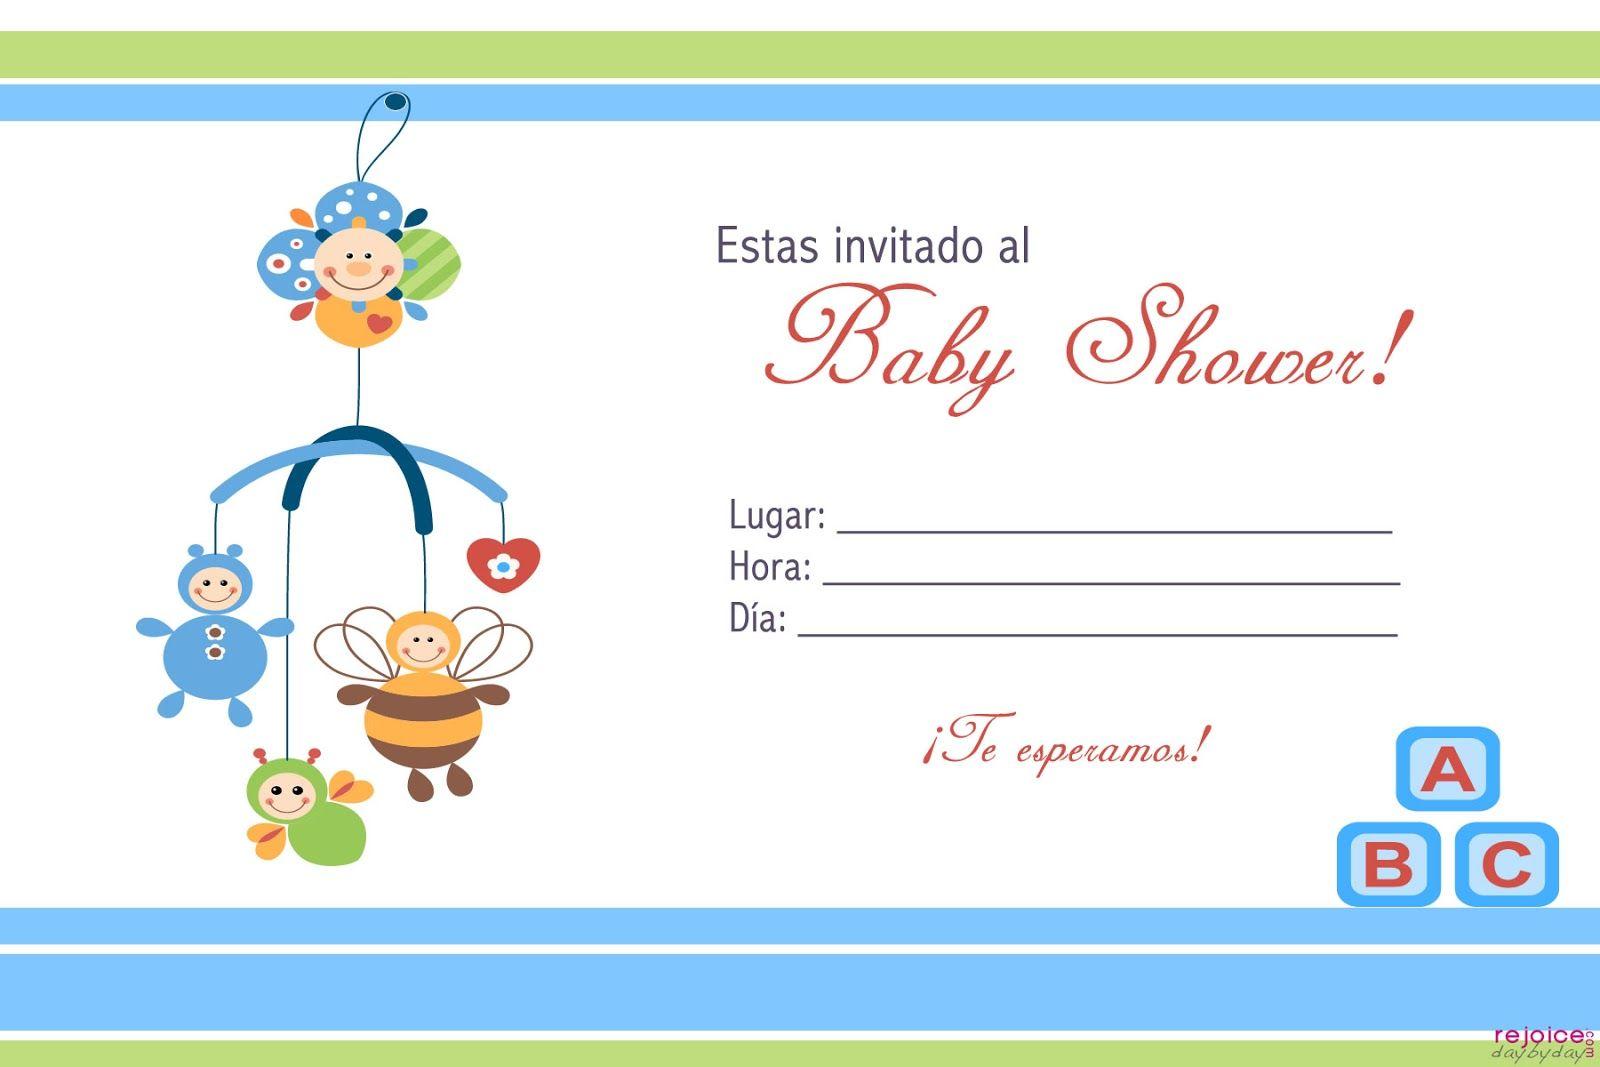 Wonderful Invitaciones Para Baby Shower Blog De Fotografias | Imagenes Gratis